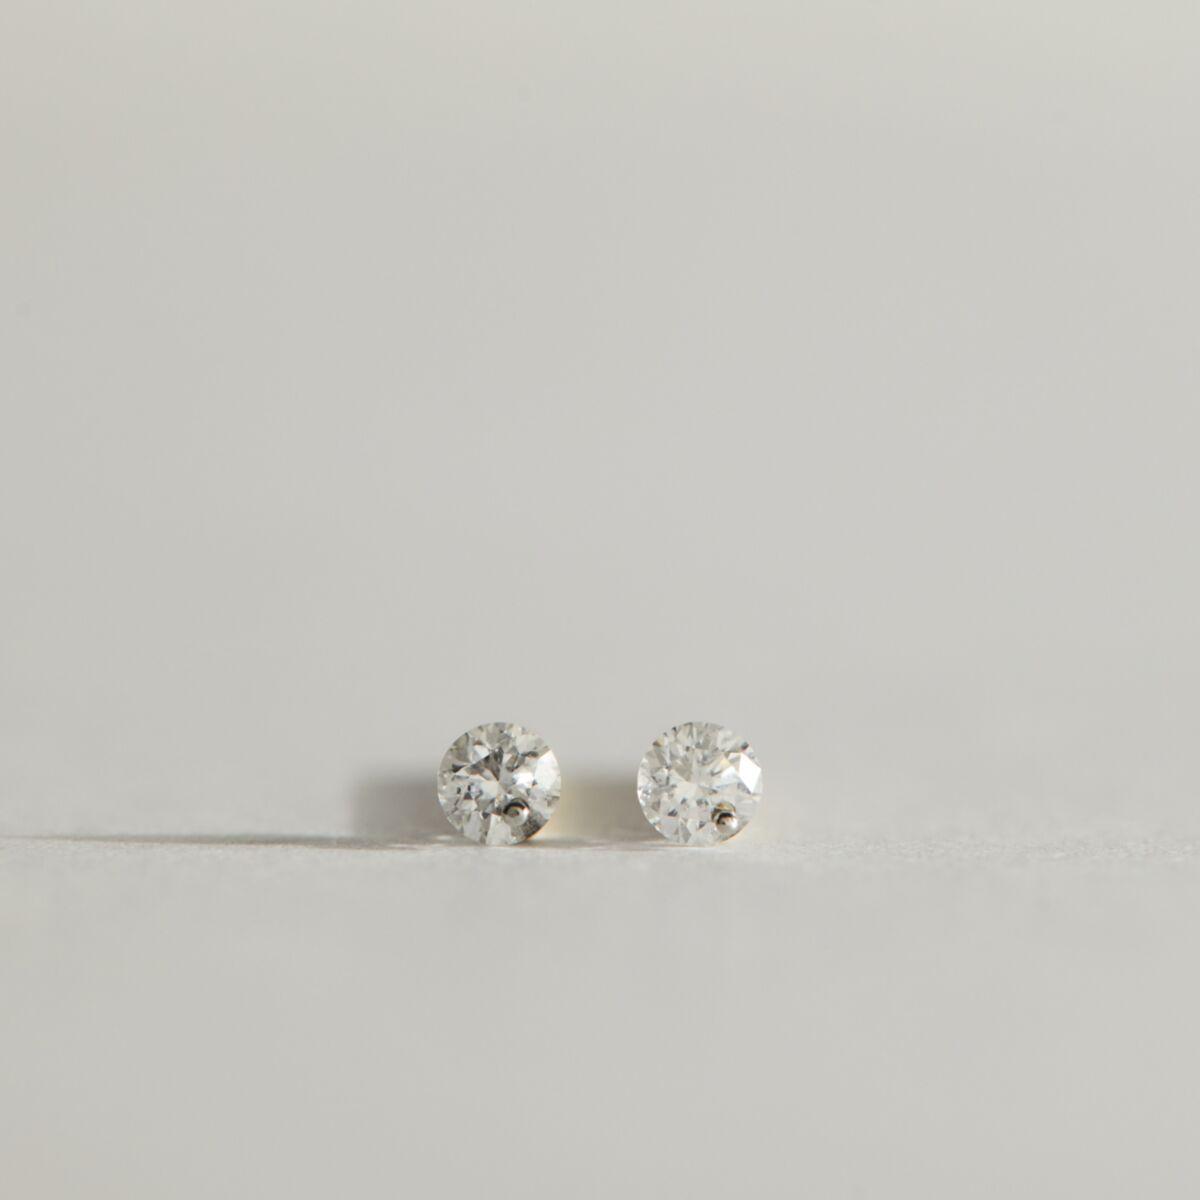 Diamond Pinprick Stud (Single) image